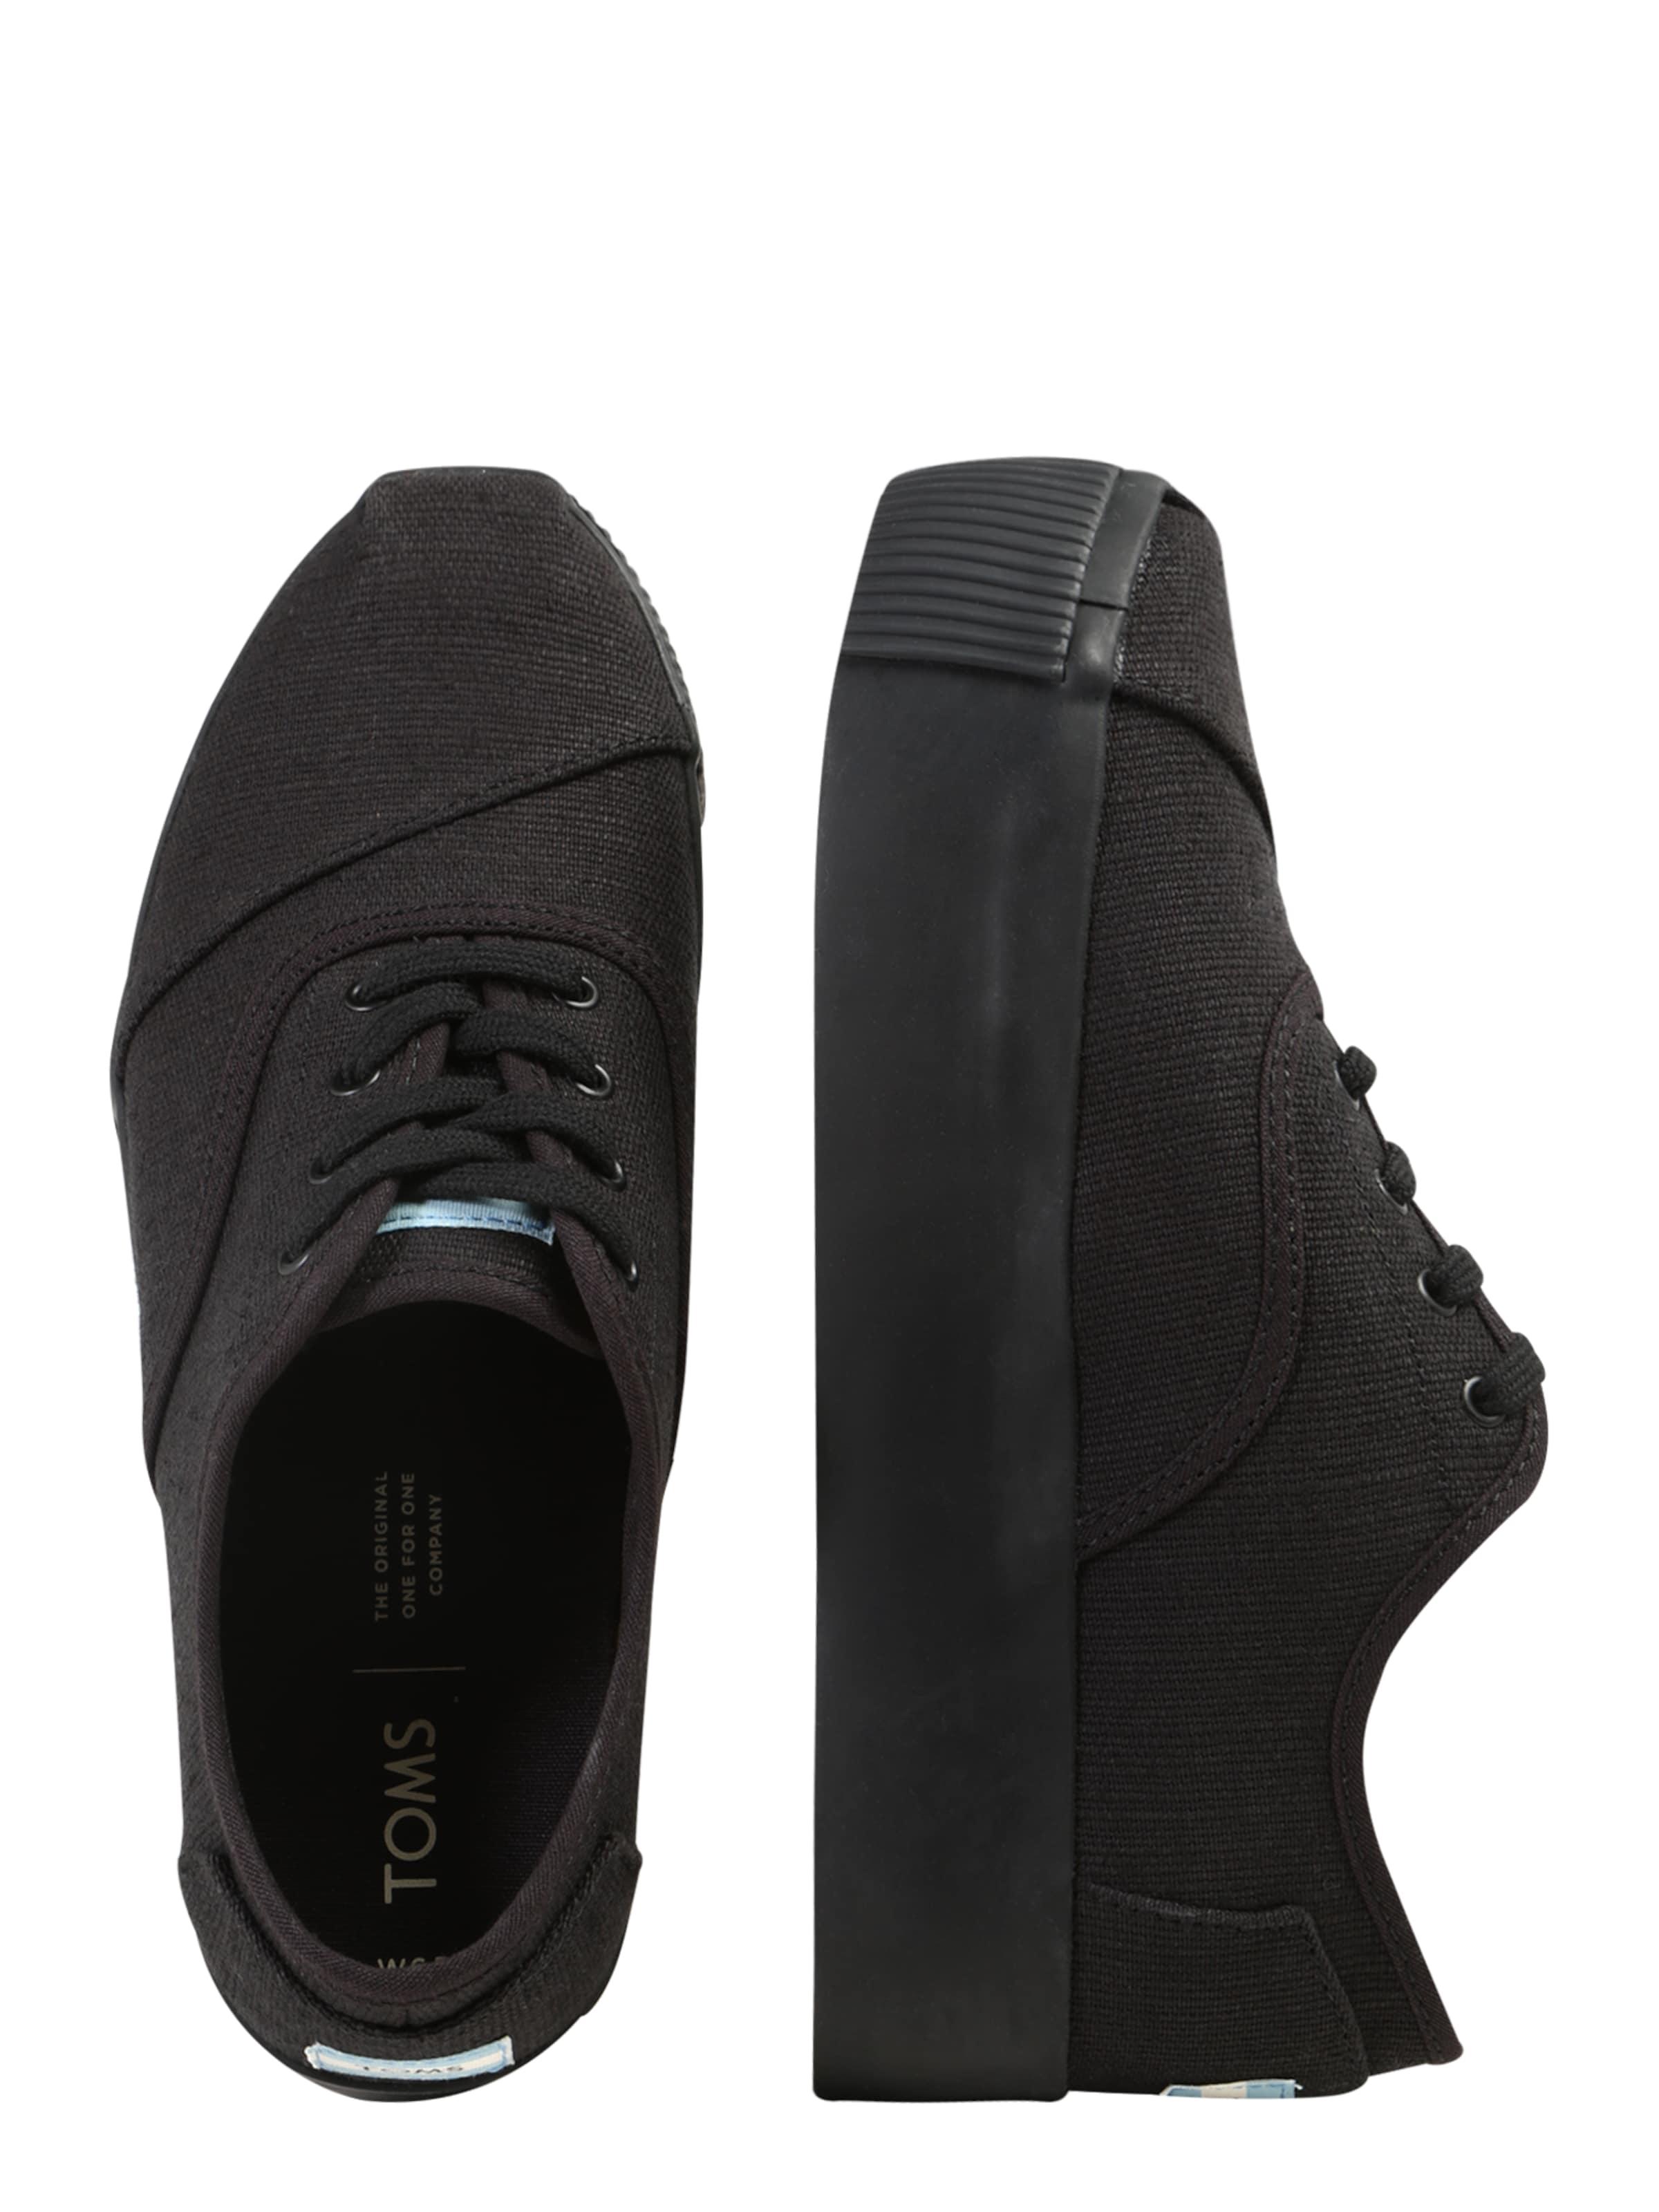 In Toms 'cordones Boardwalk' Schwarz Sneaker XuOTZPki